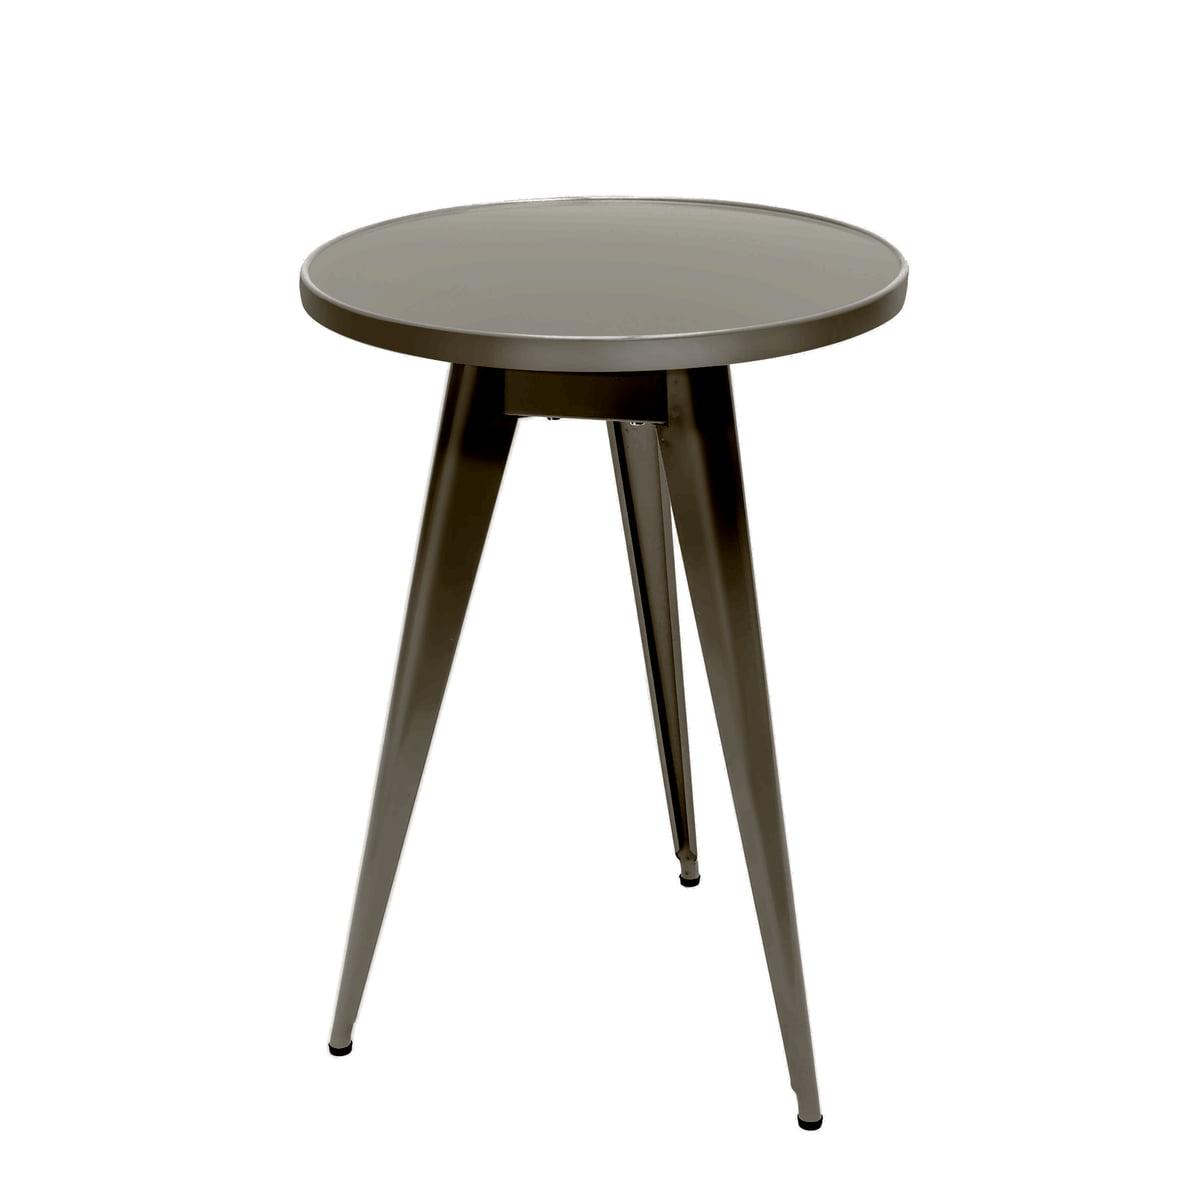 Tolix - Bistrotisch 55, Ø 51 cm, Stahl grau lasiert | Küche und Esszimmer > Bar-Möbel > Bar-Stehtische | Stahlgrau | Stahl | Tolix